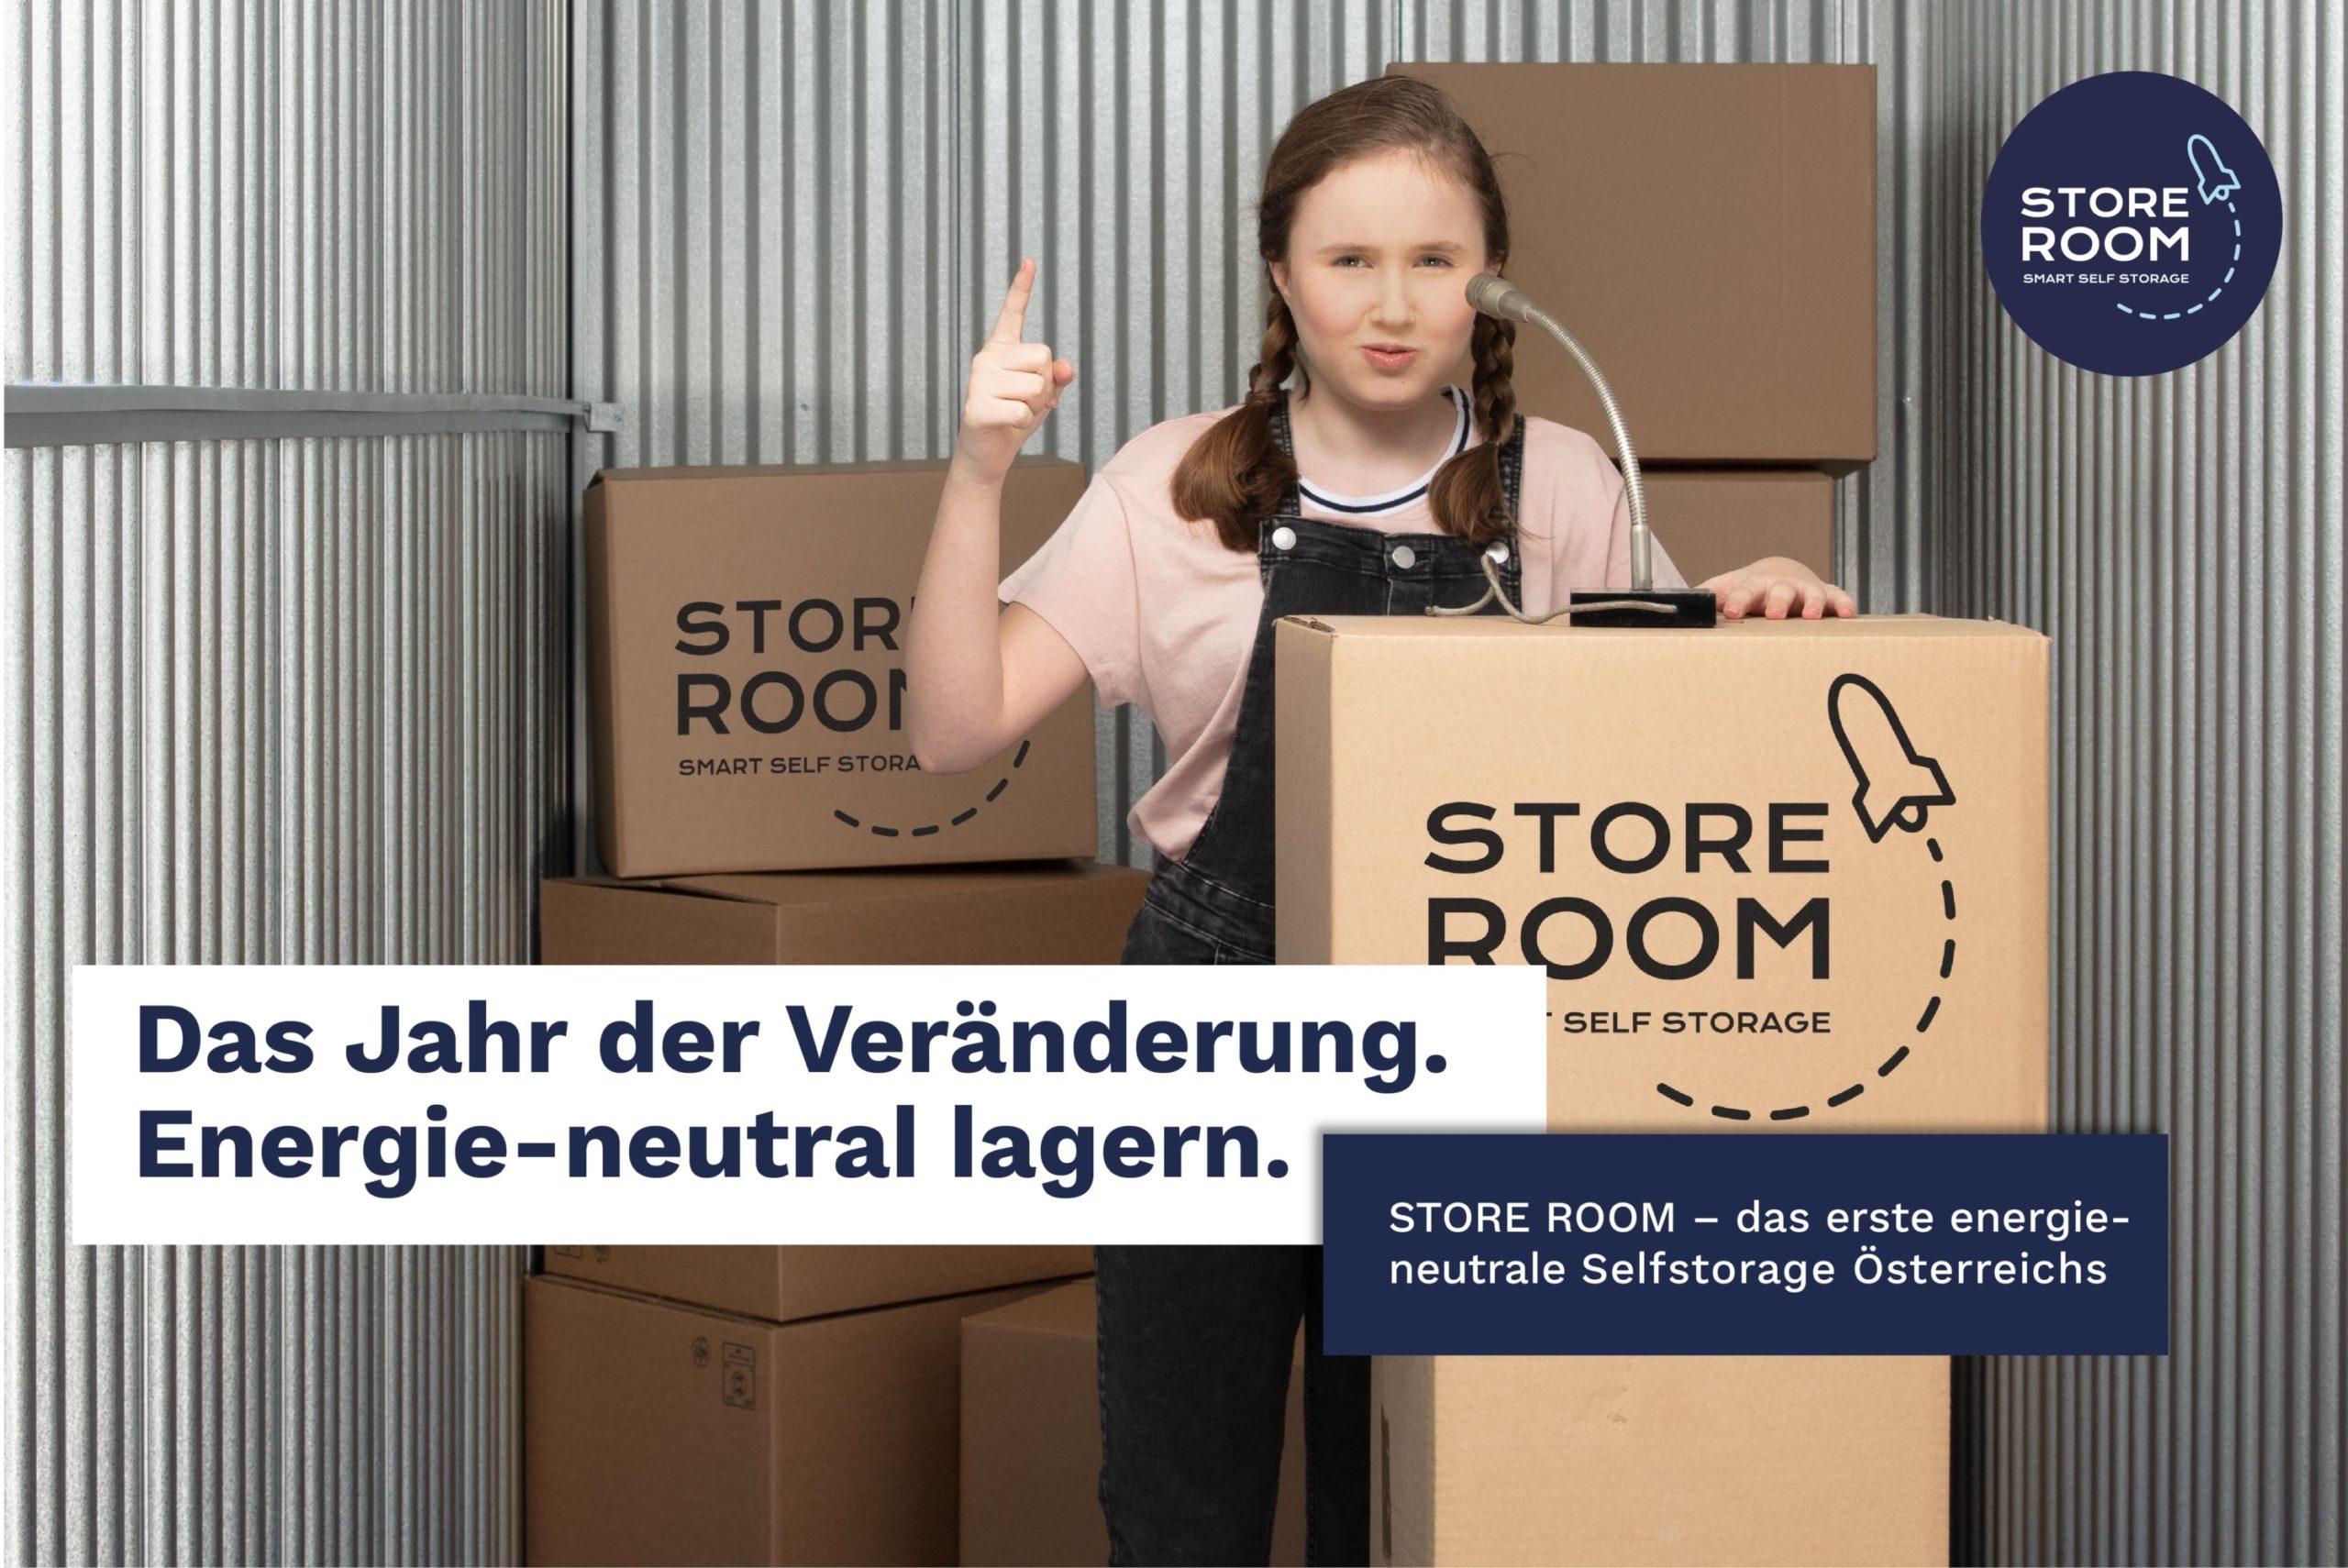 Store Room: Im Marketing spielt man unter anderem auf Greta Thunberg an